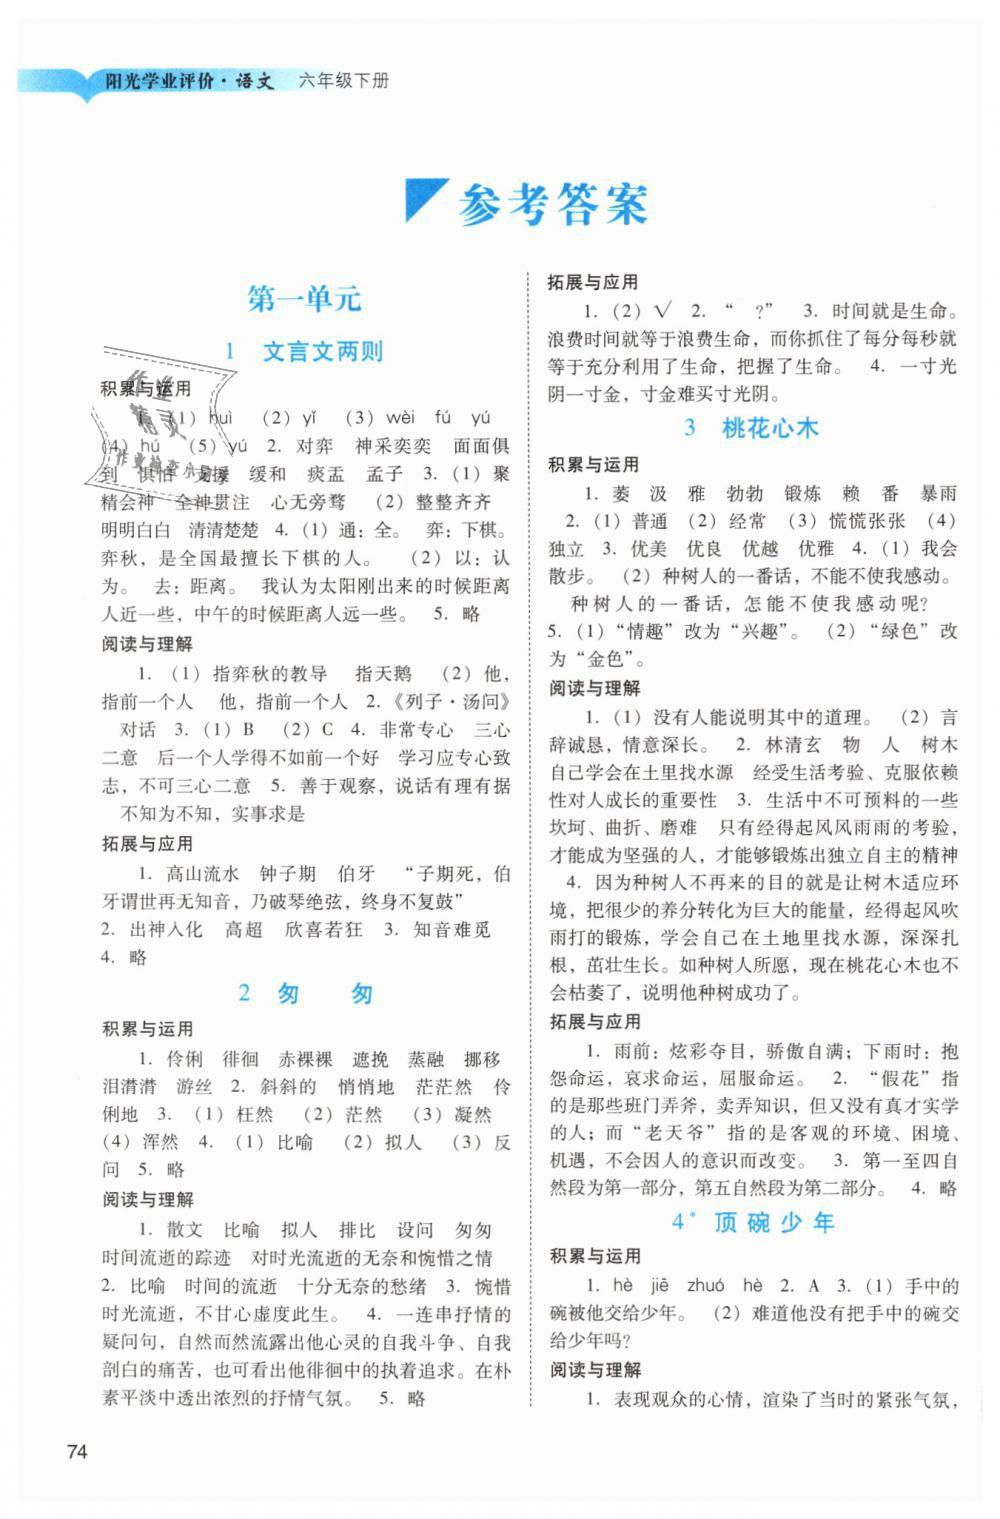 2019年阳光学业评价六年级语文下册人教版第1页